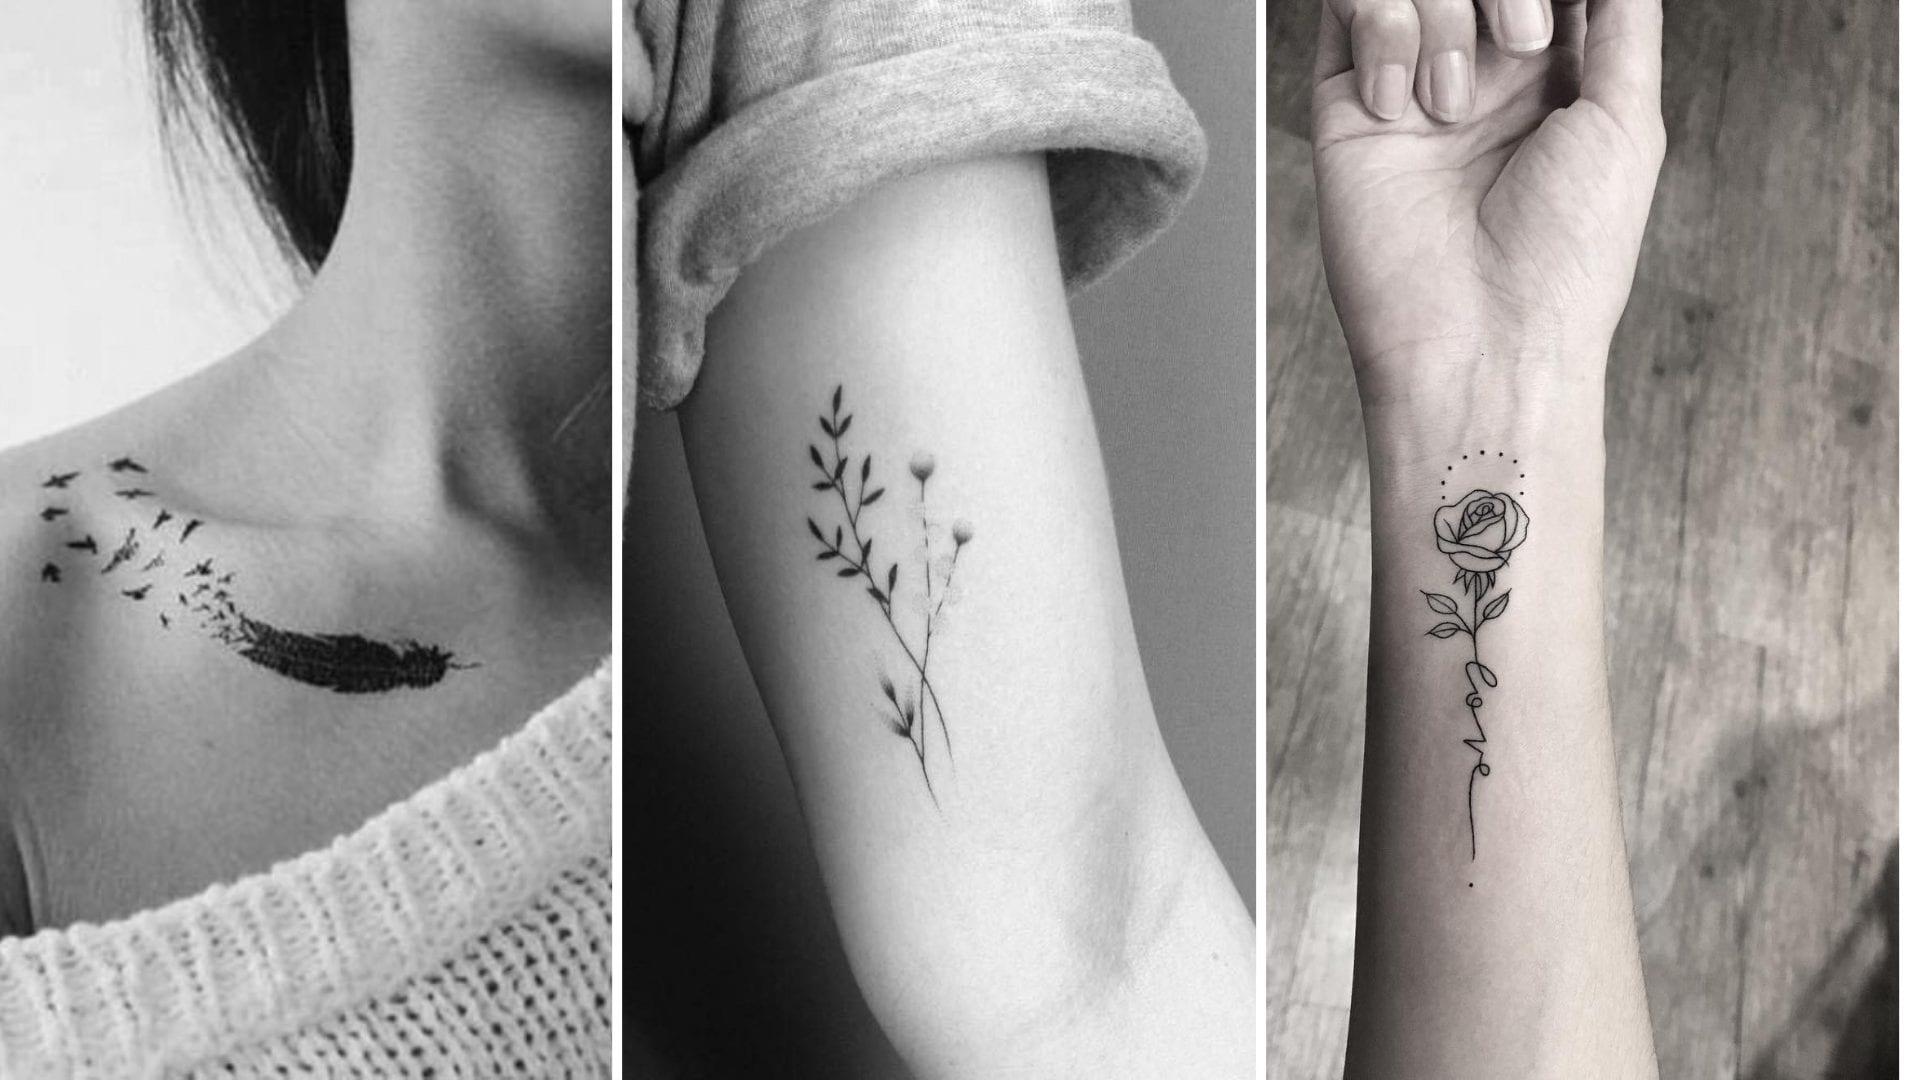 Tatuagem feminina - Breve histórico e + de 100 lindas inspirações